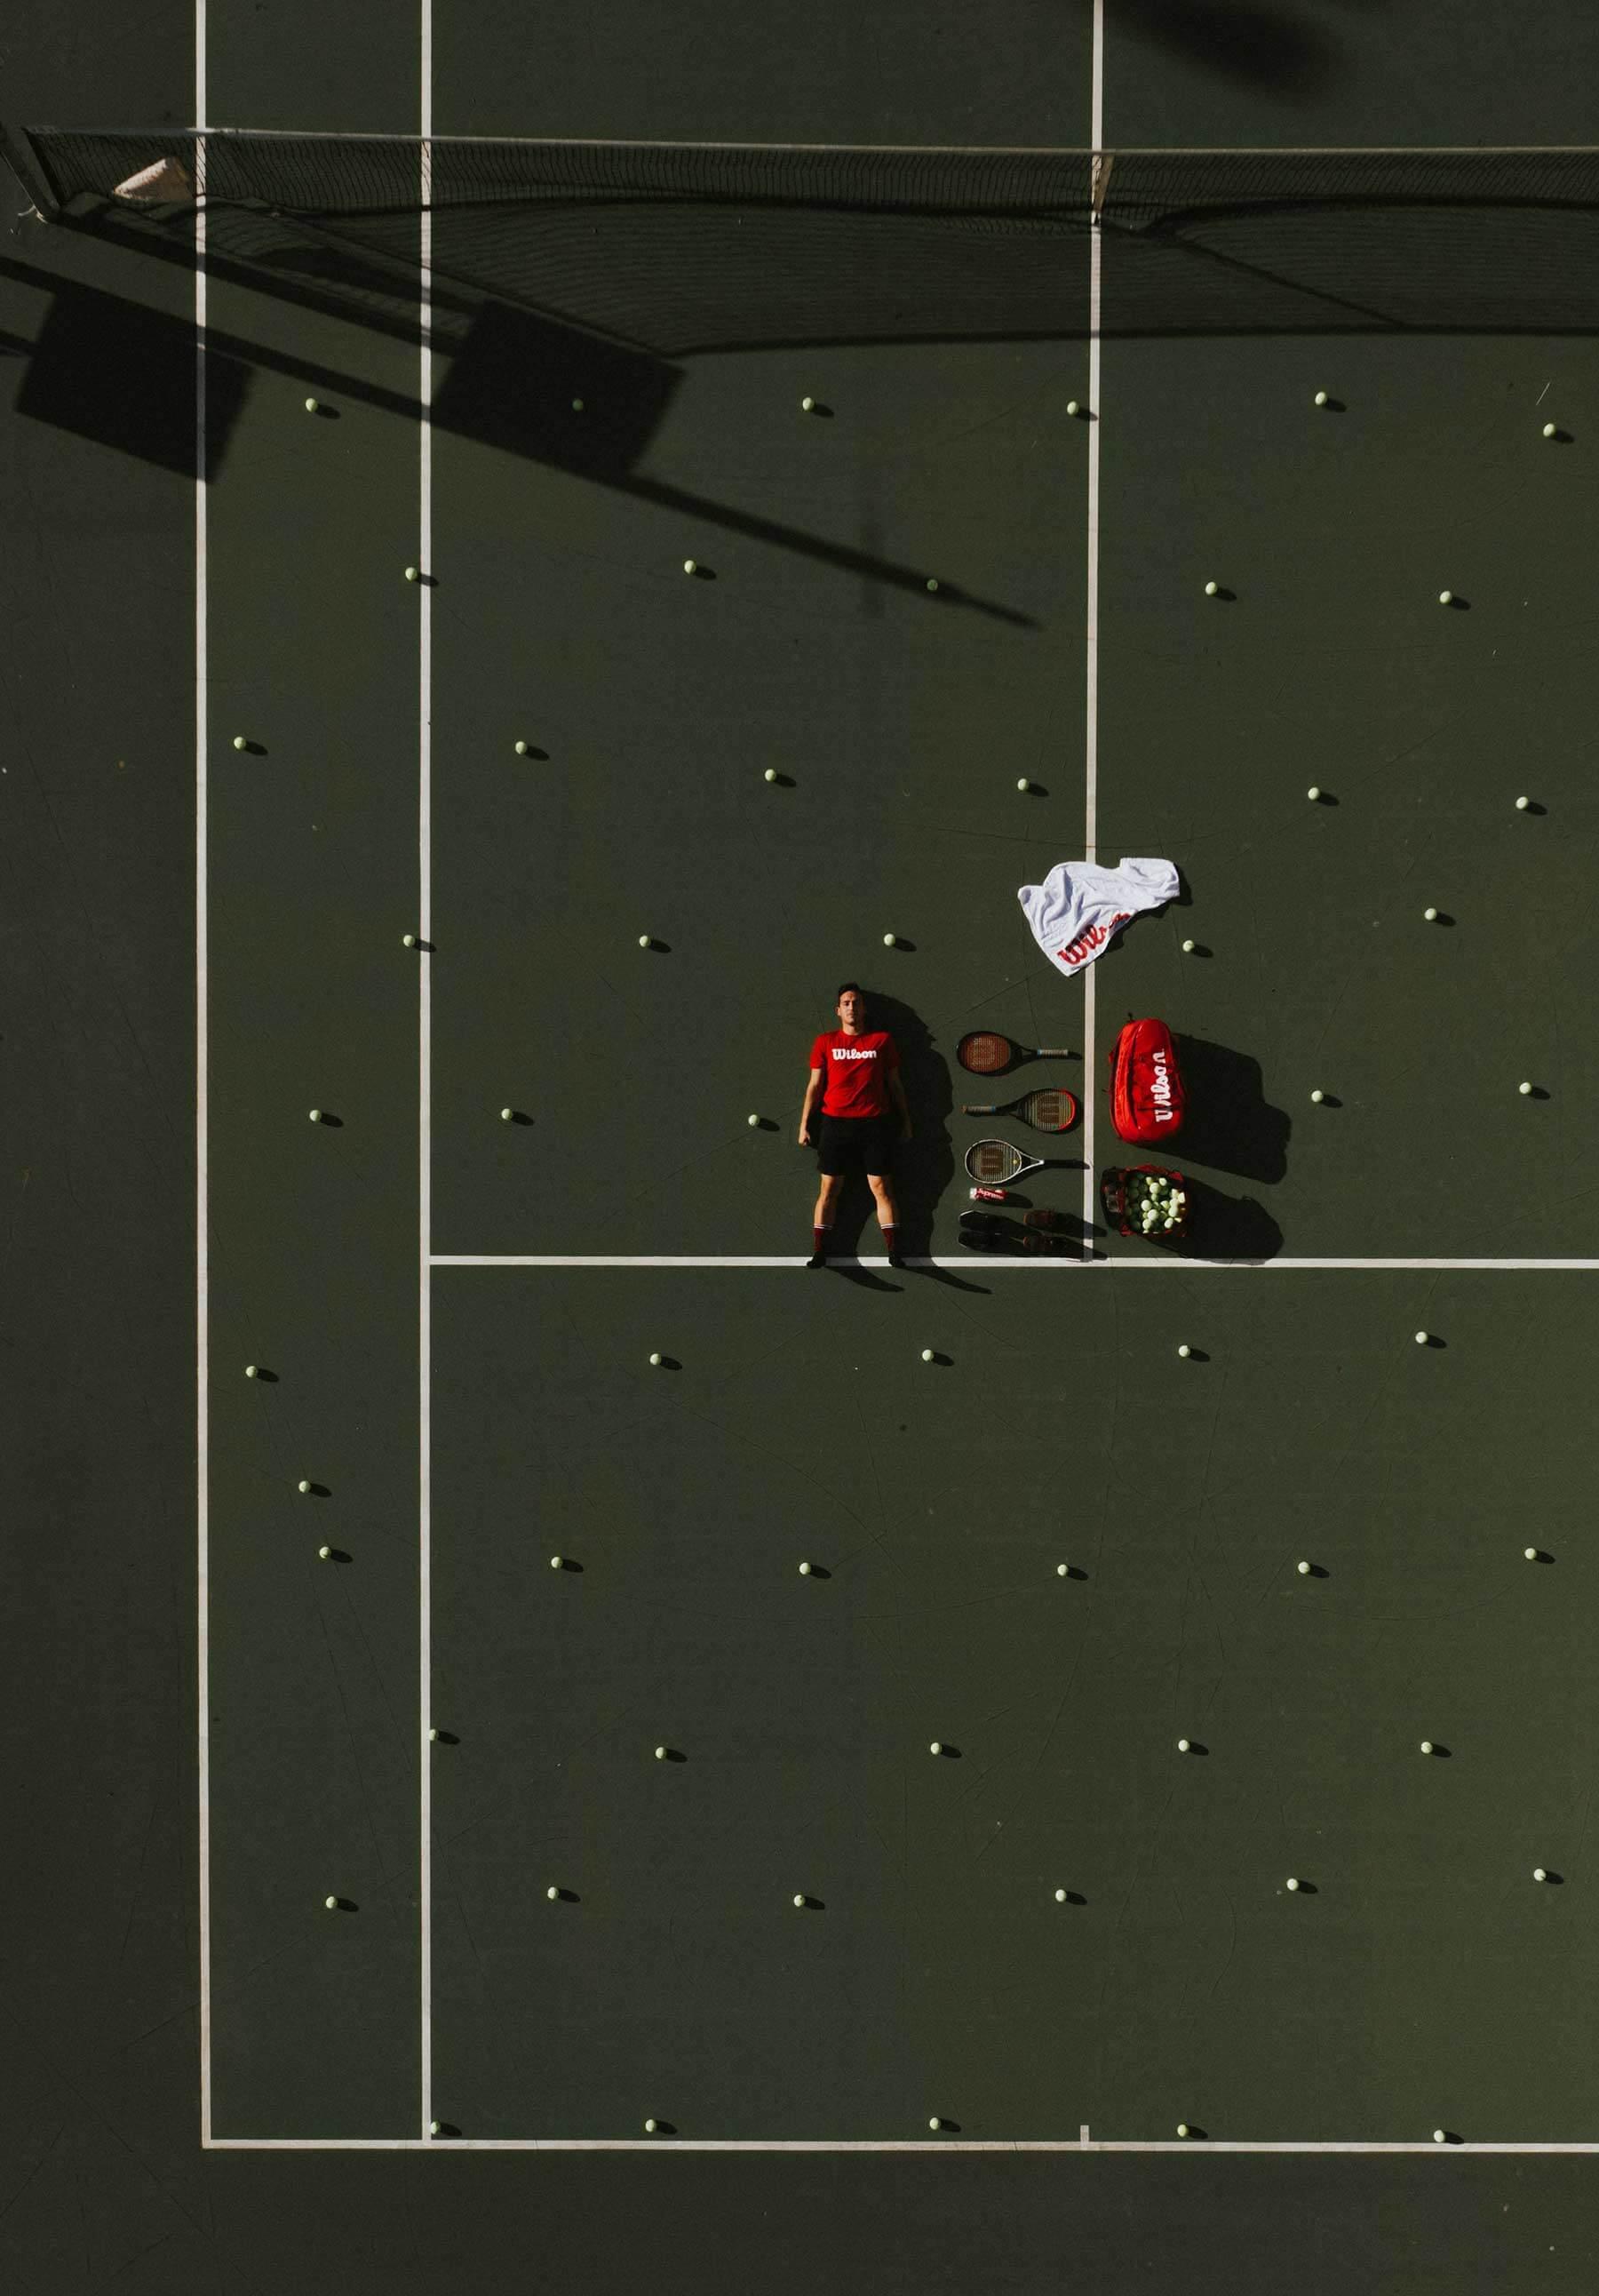 Bilderparade DLXXXIX LangweileDich.net_Bilderparade_DLXXXIX_68